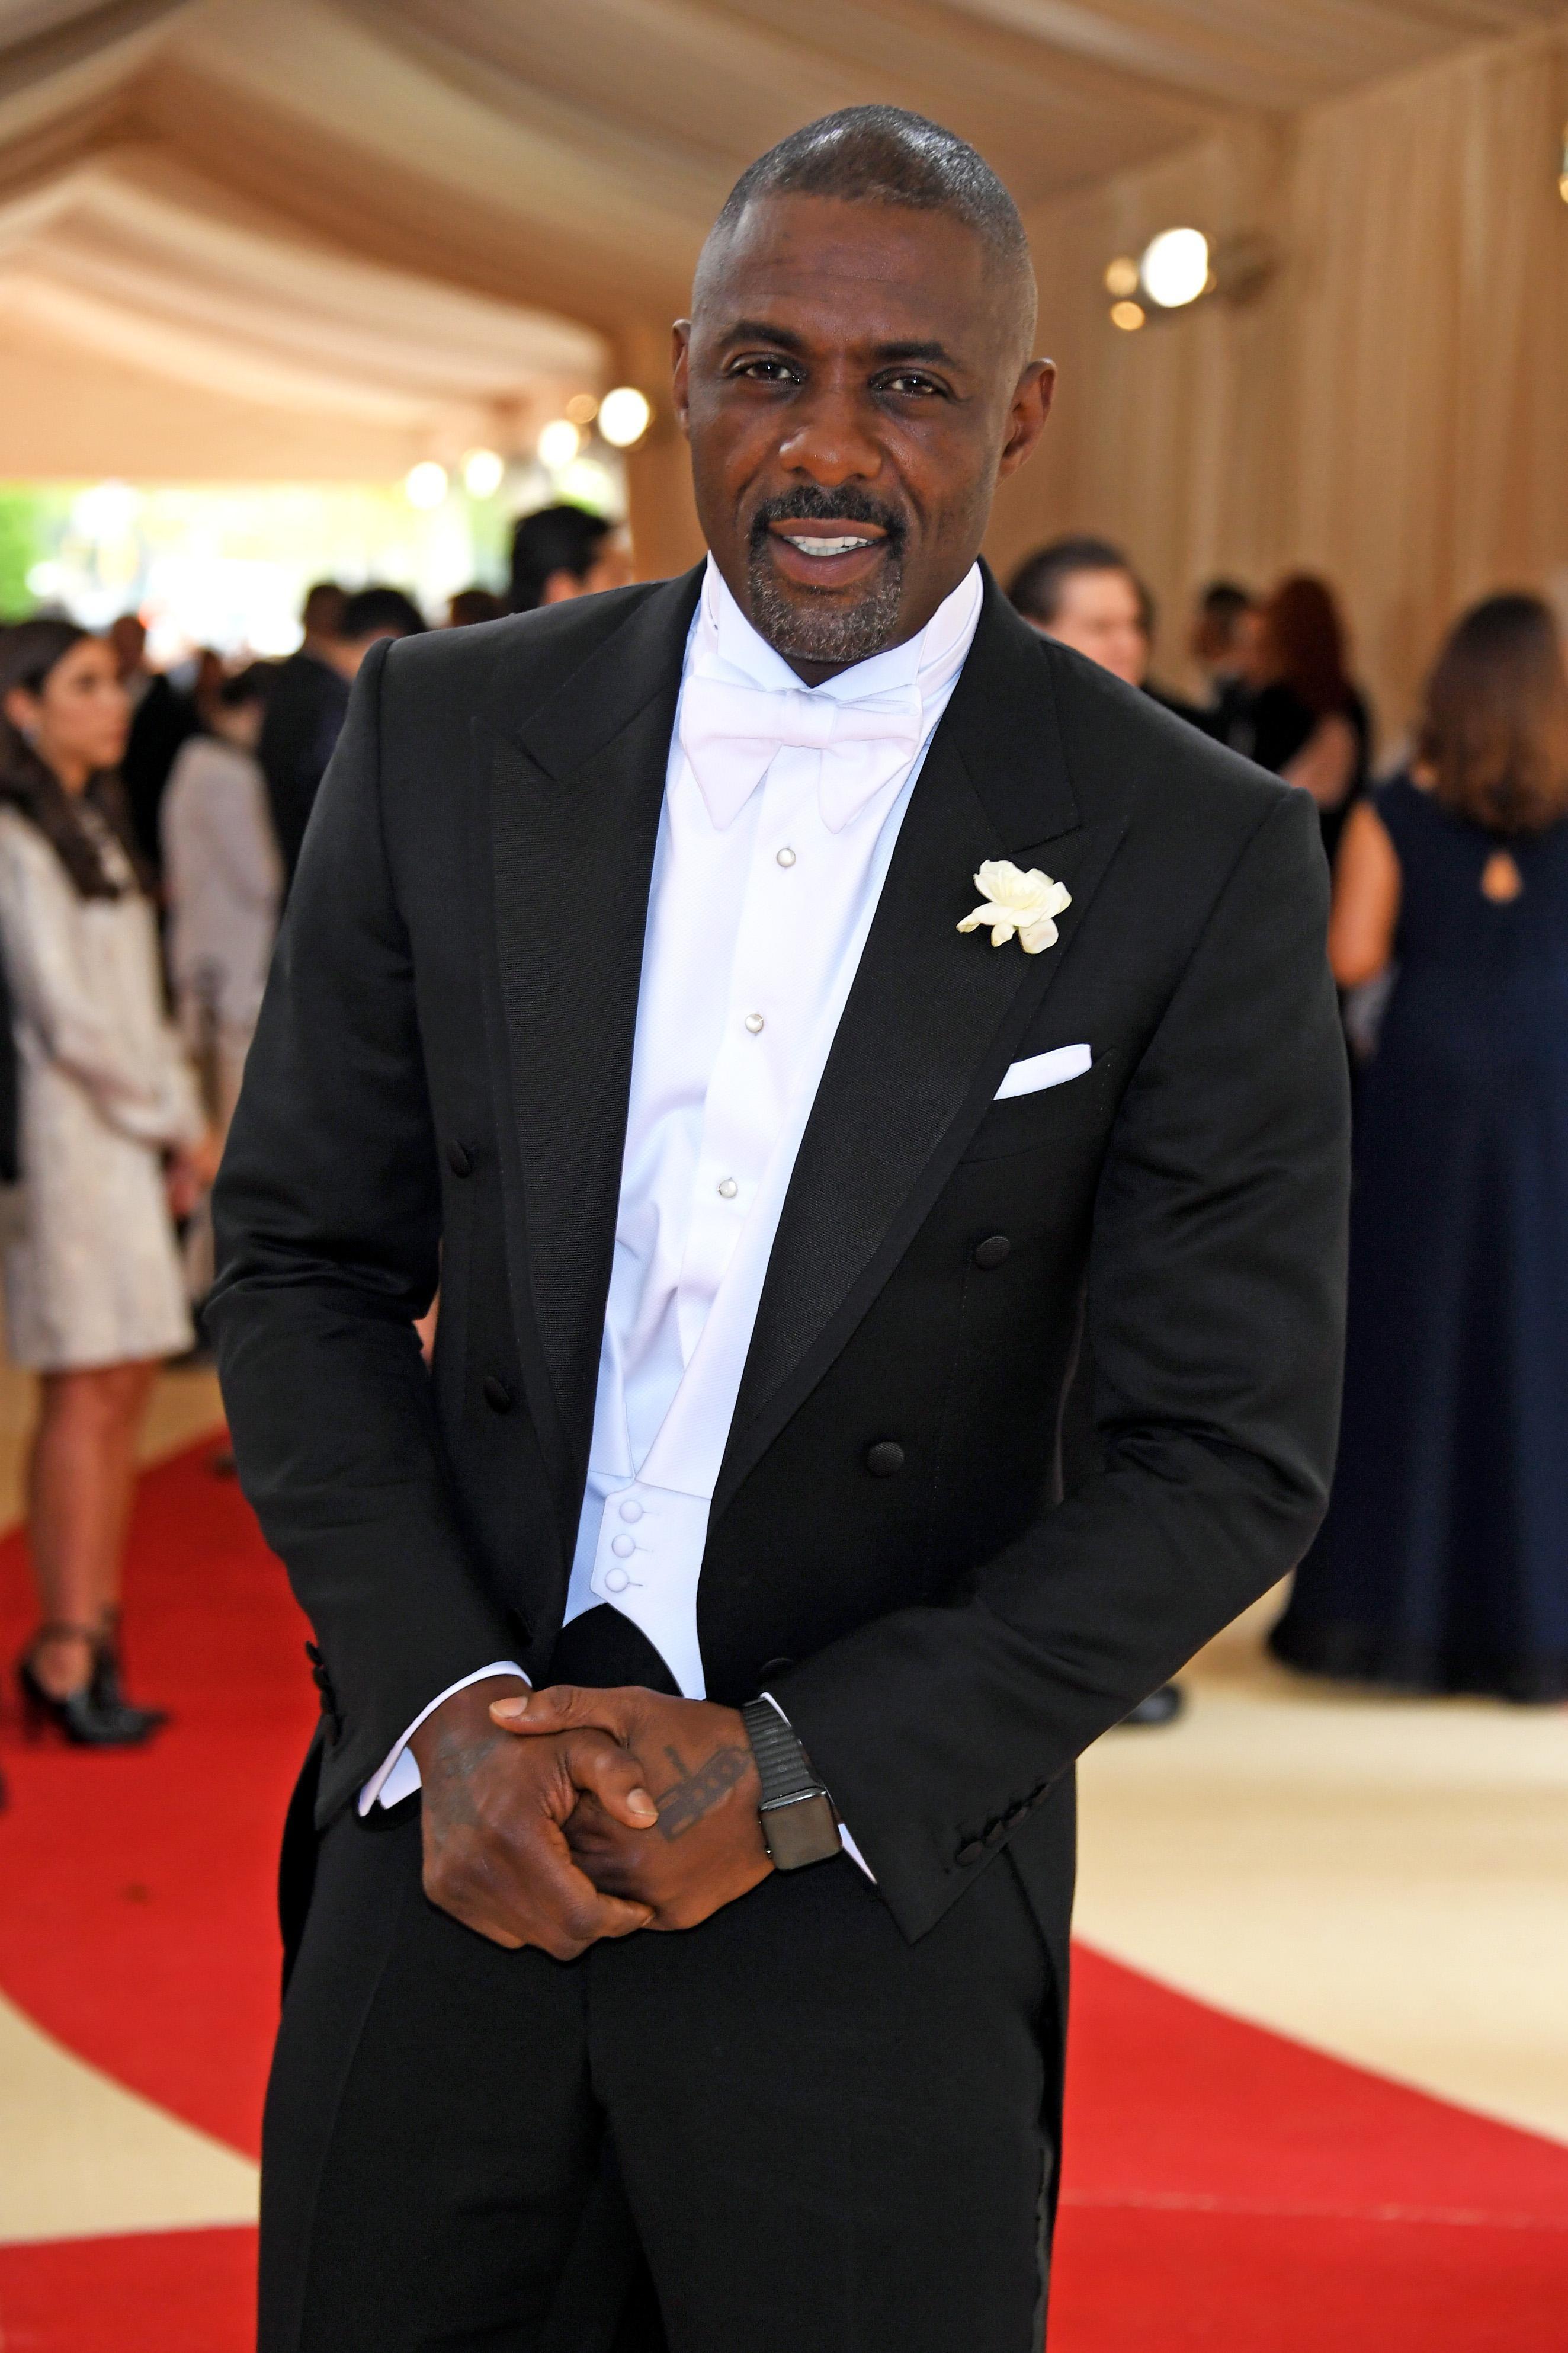 Idris Elba in a tuxedo.